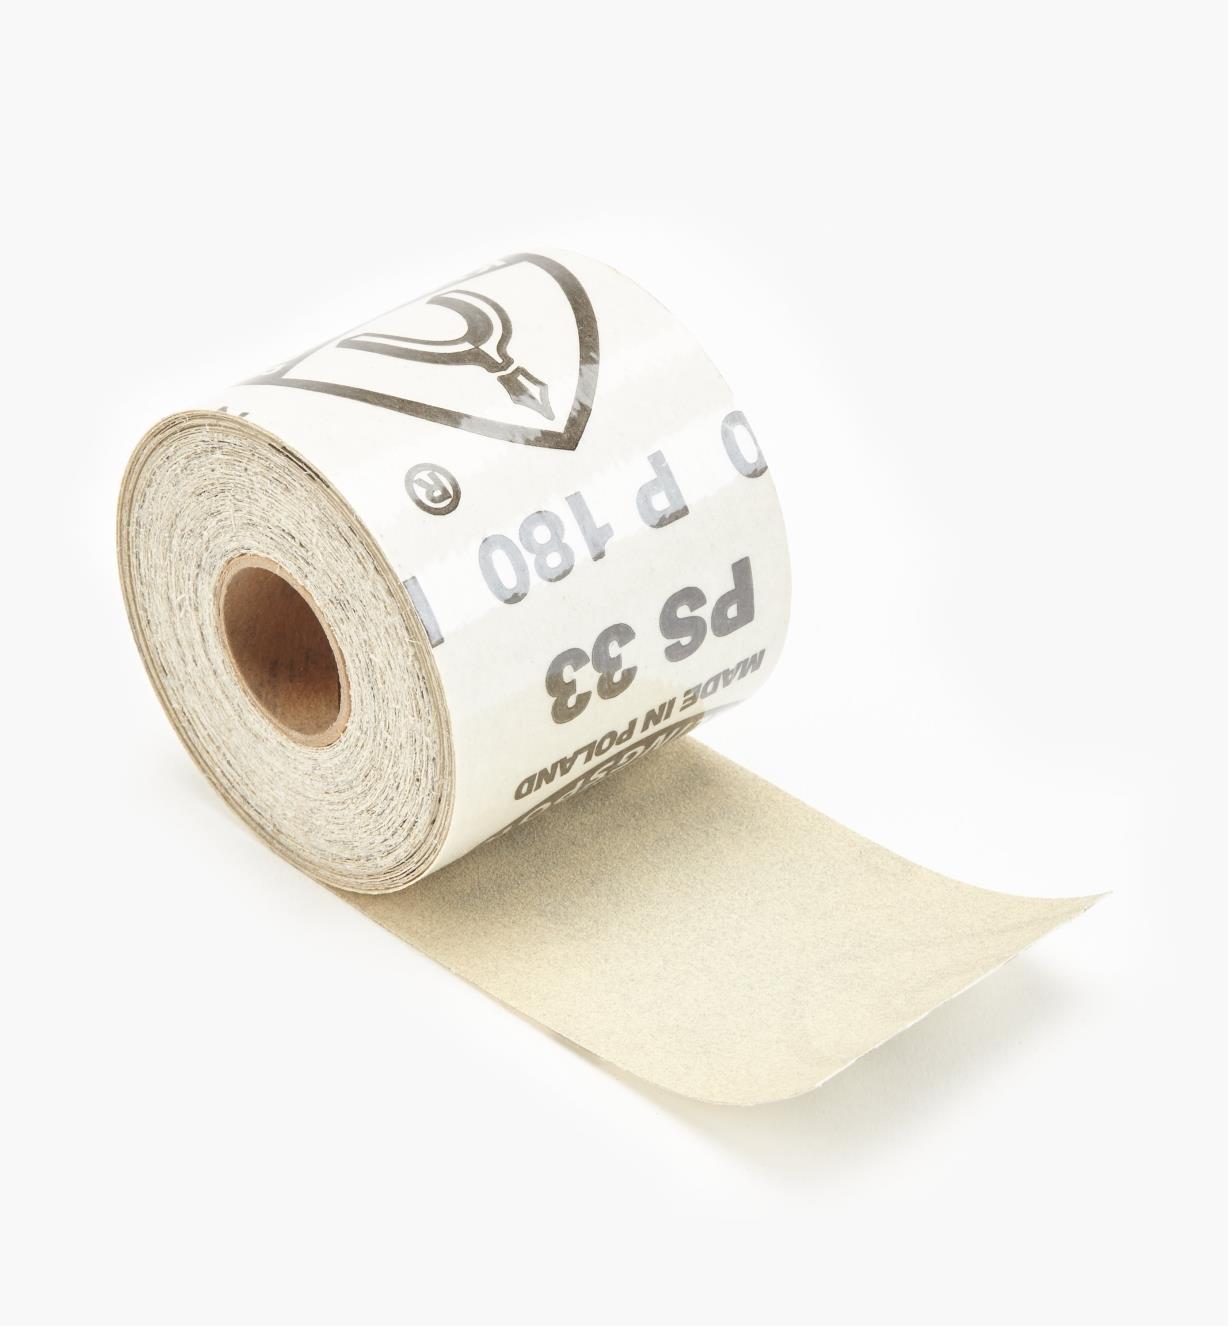 68Z7205 - Rouleau de papier autocollant de 30 pi, grain180